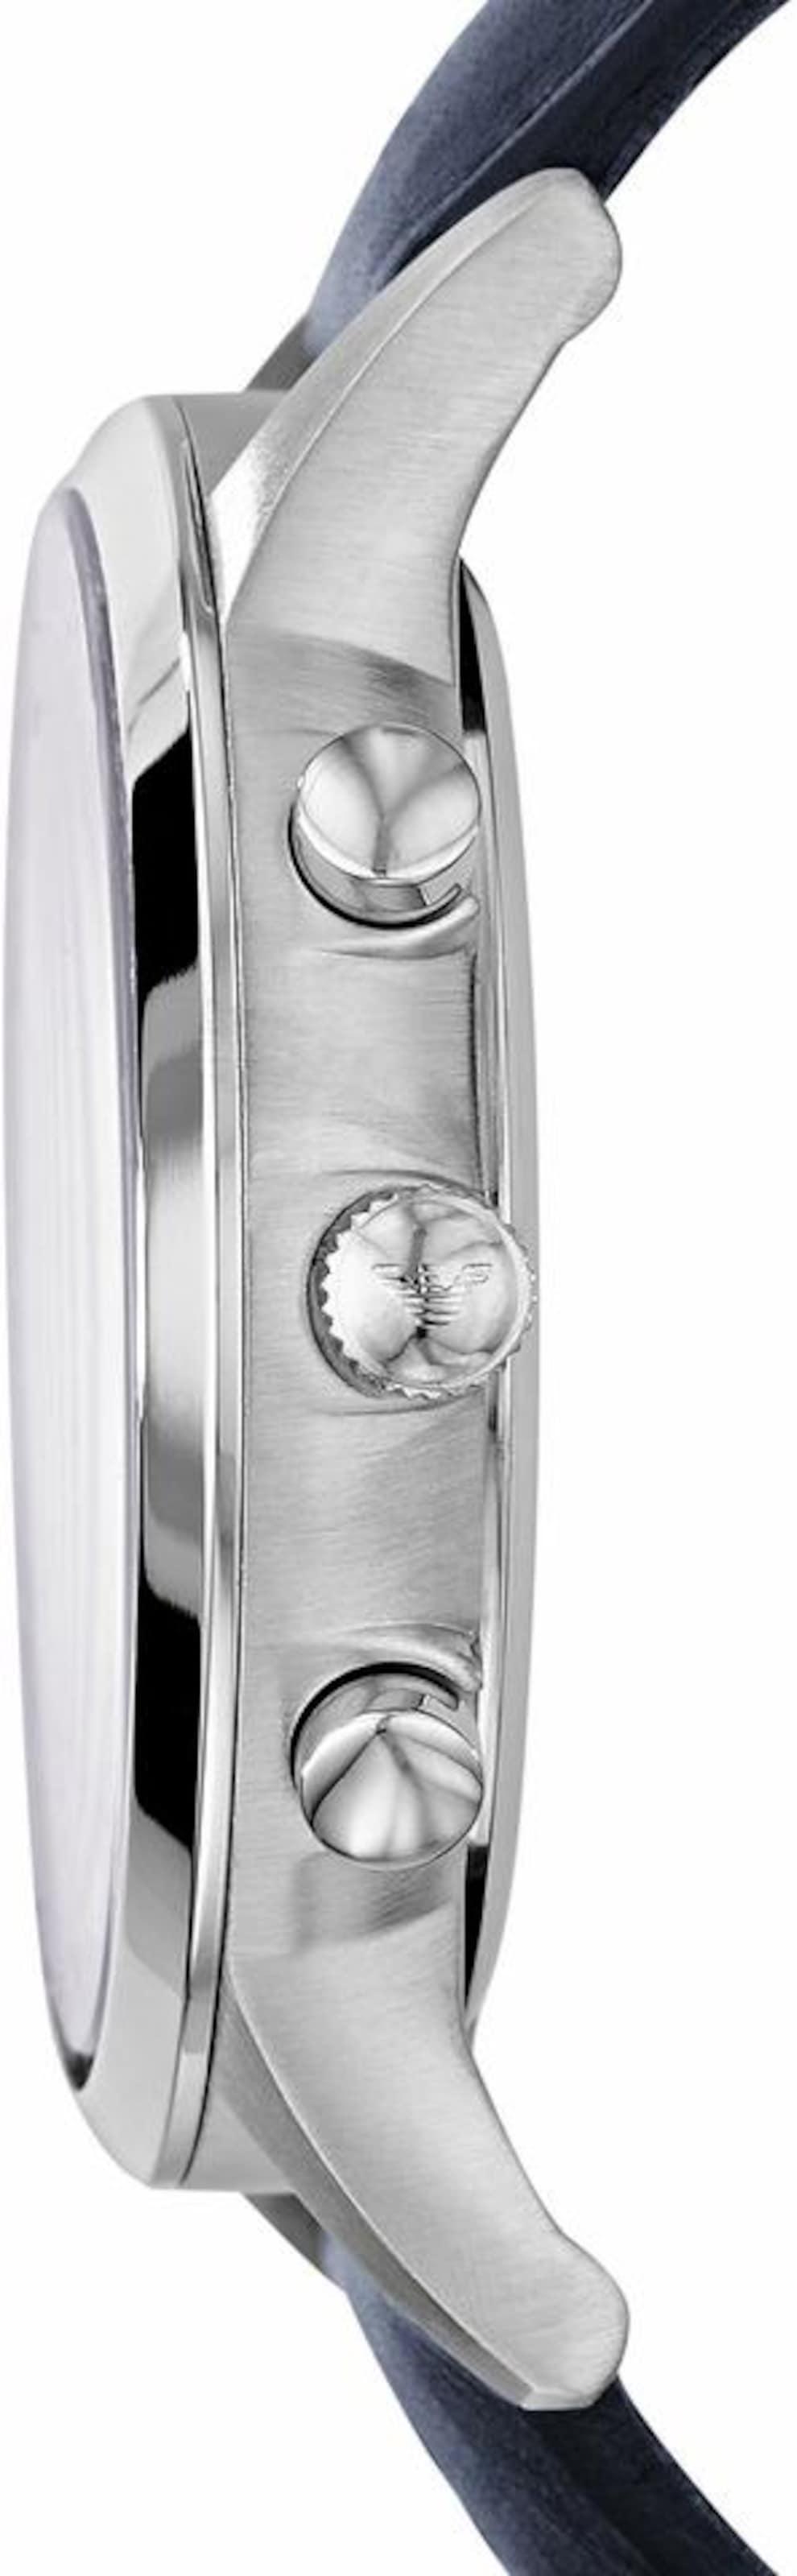 Günstig Kaufen Besten Verkauf Billig Verkauf Mit Kreditkarte Emporio Armani Chronograph 'AR2473' Beste Preise Im Netz Cb7Xhiv7